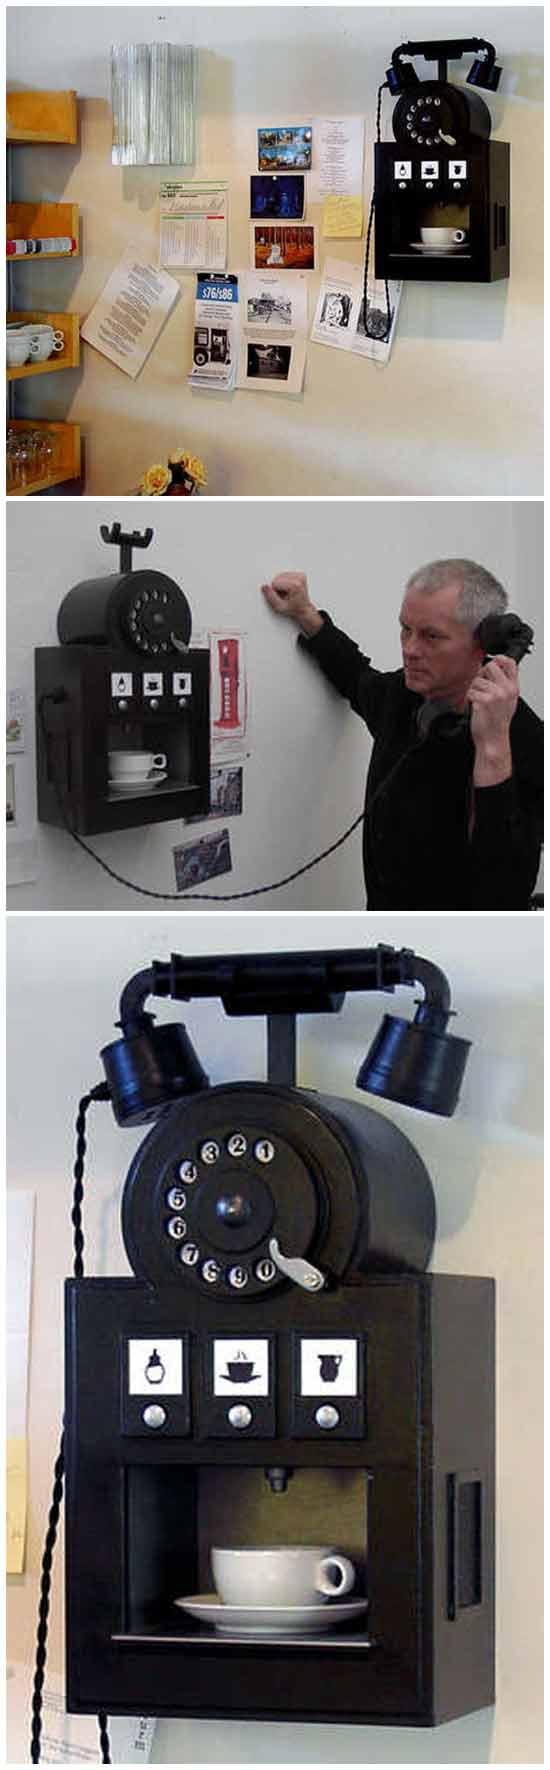 Идеи технических новинок: Телефон - кофемашина